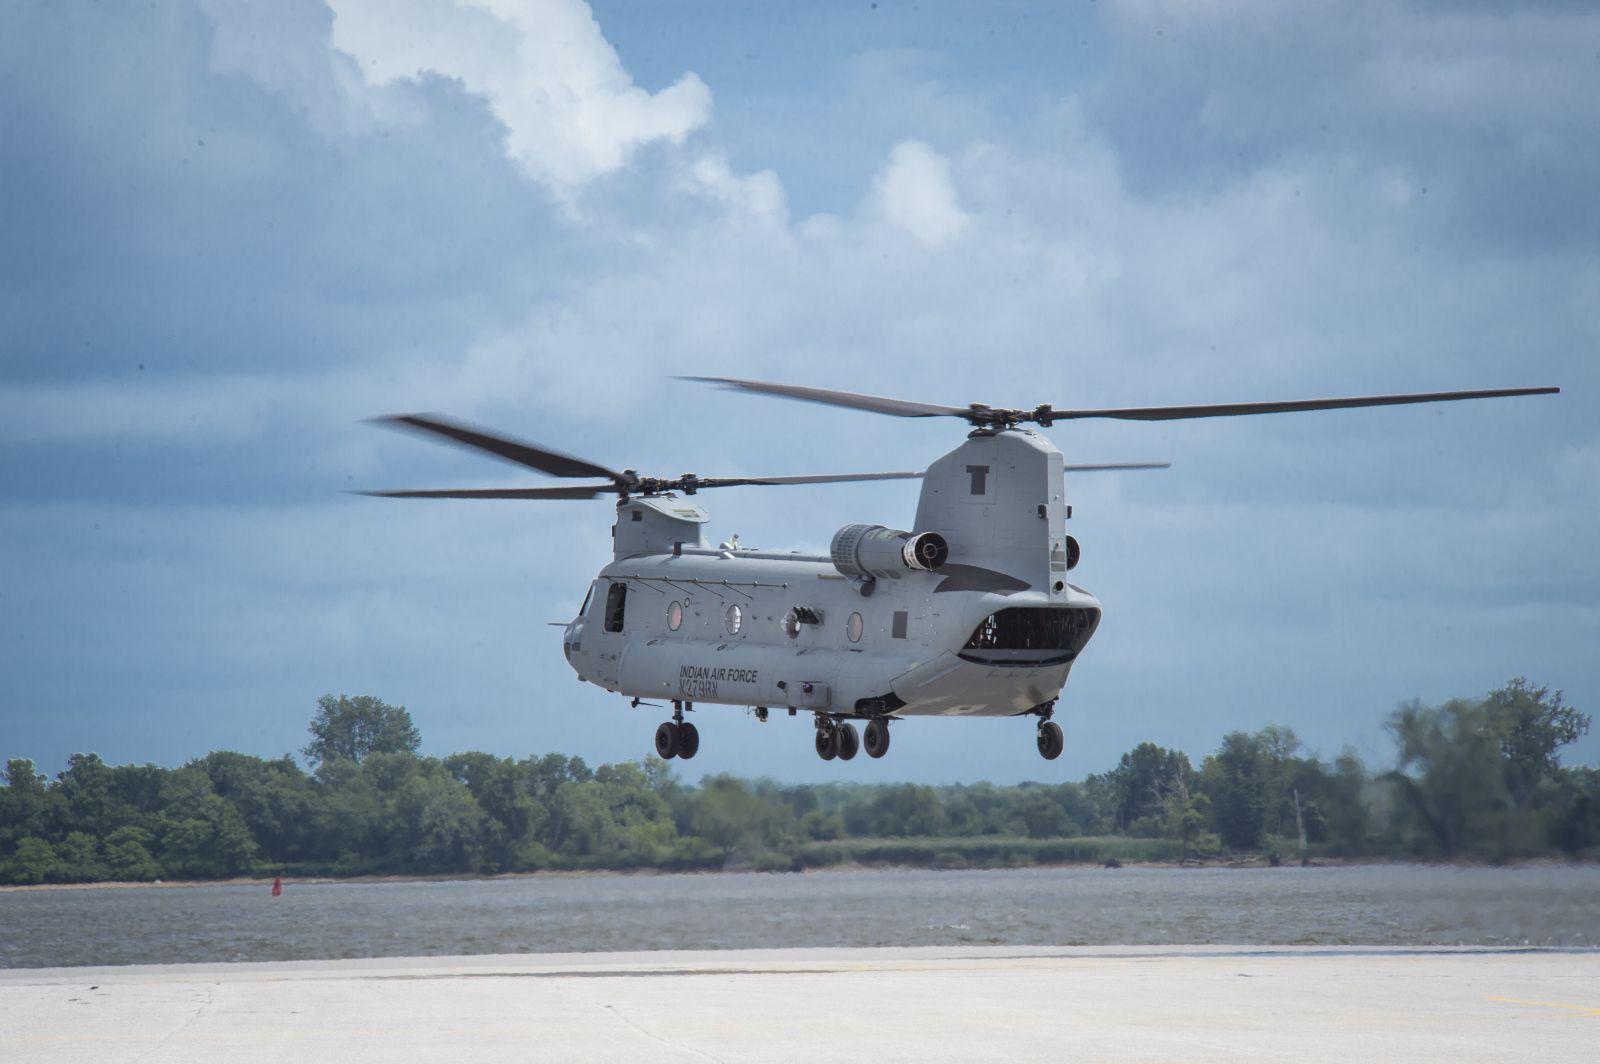 Boeing завърши мащабни вертолетни доставки за Индия. През март бе доставен последния Chinook, а на 22 юни 2020 г. последния щурмови Apache